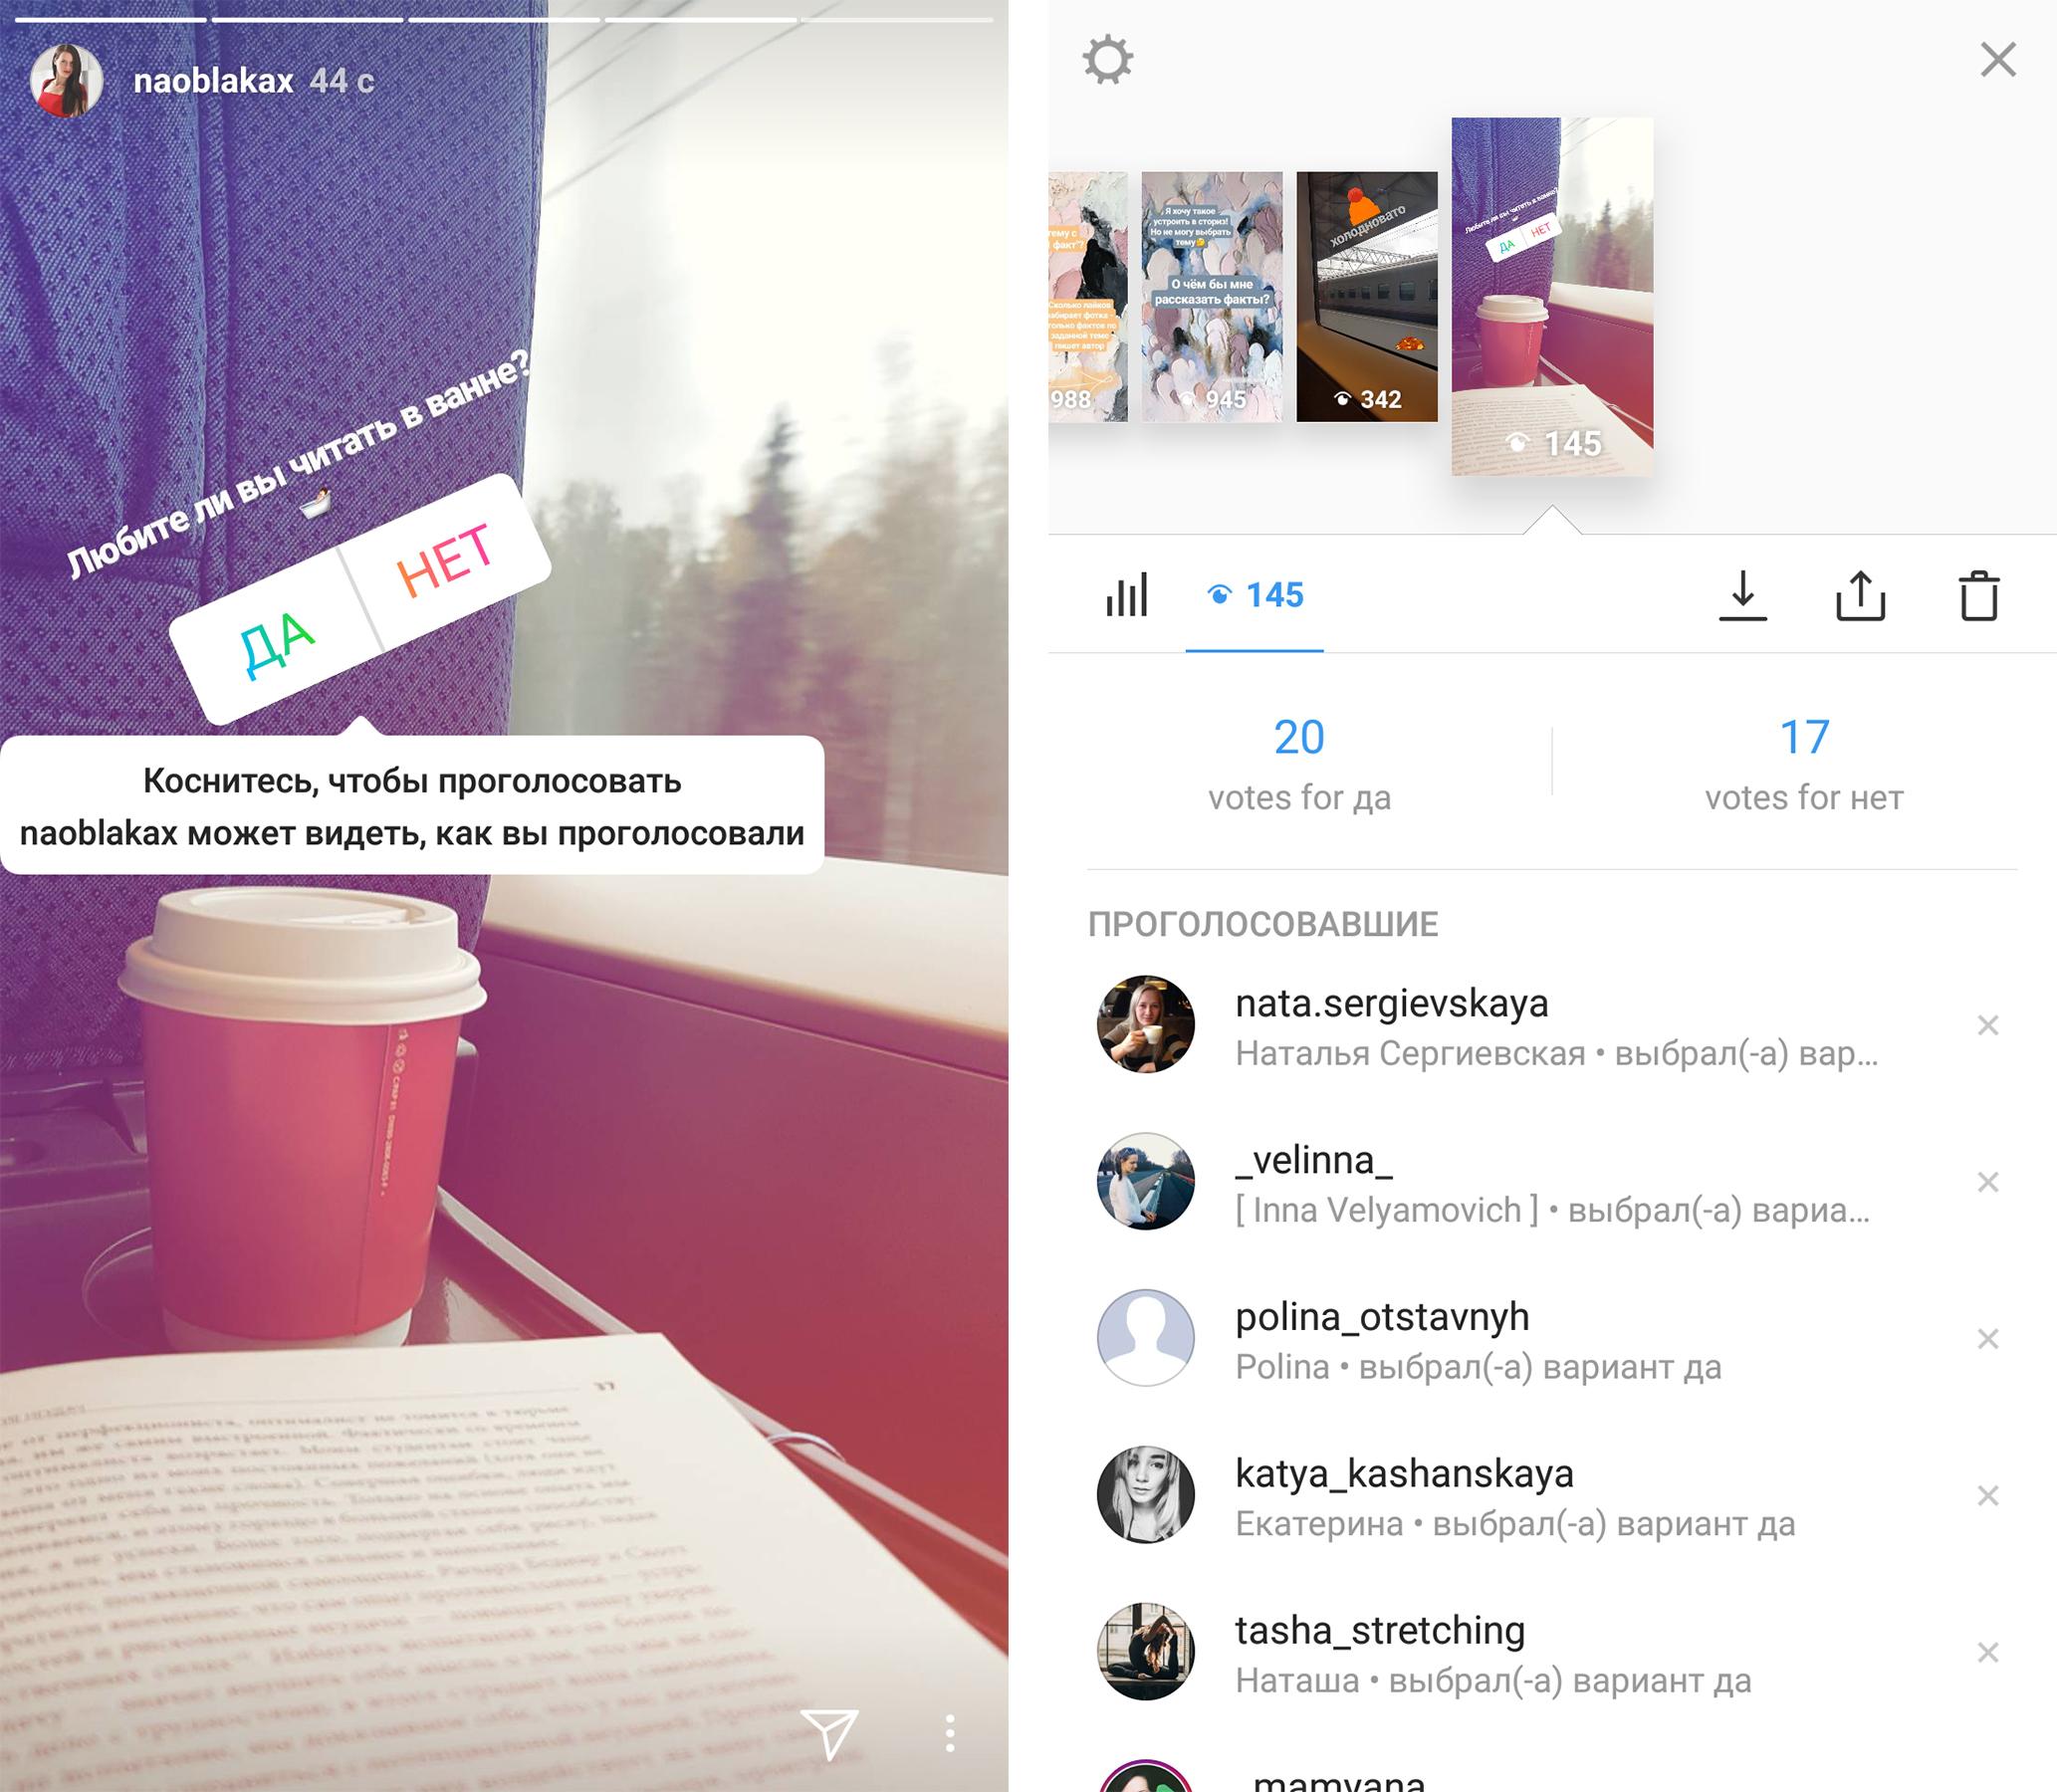 Как создать аккаунт Instagram? Справочный центр Instagram 84